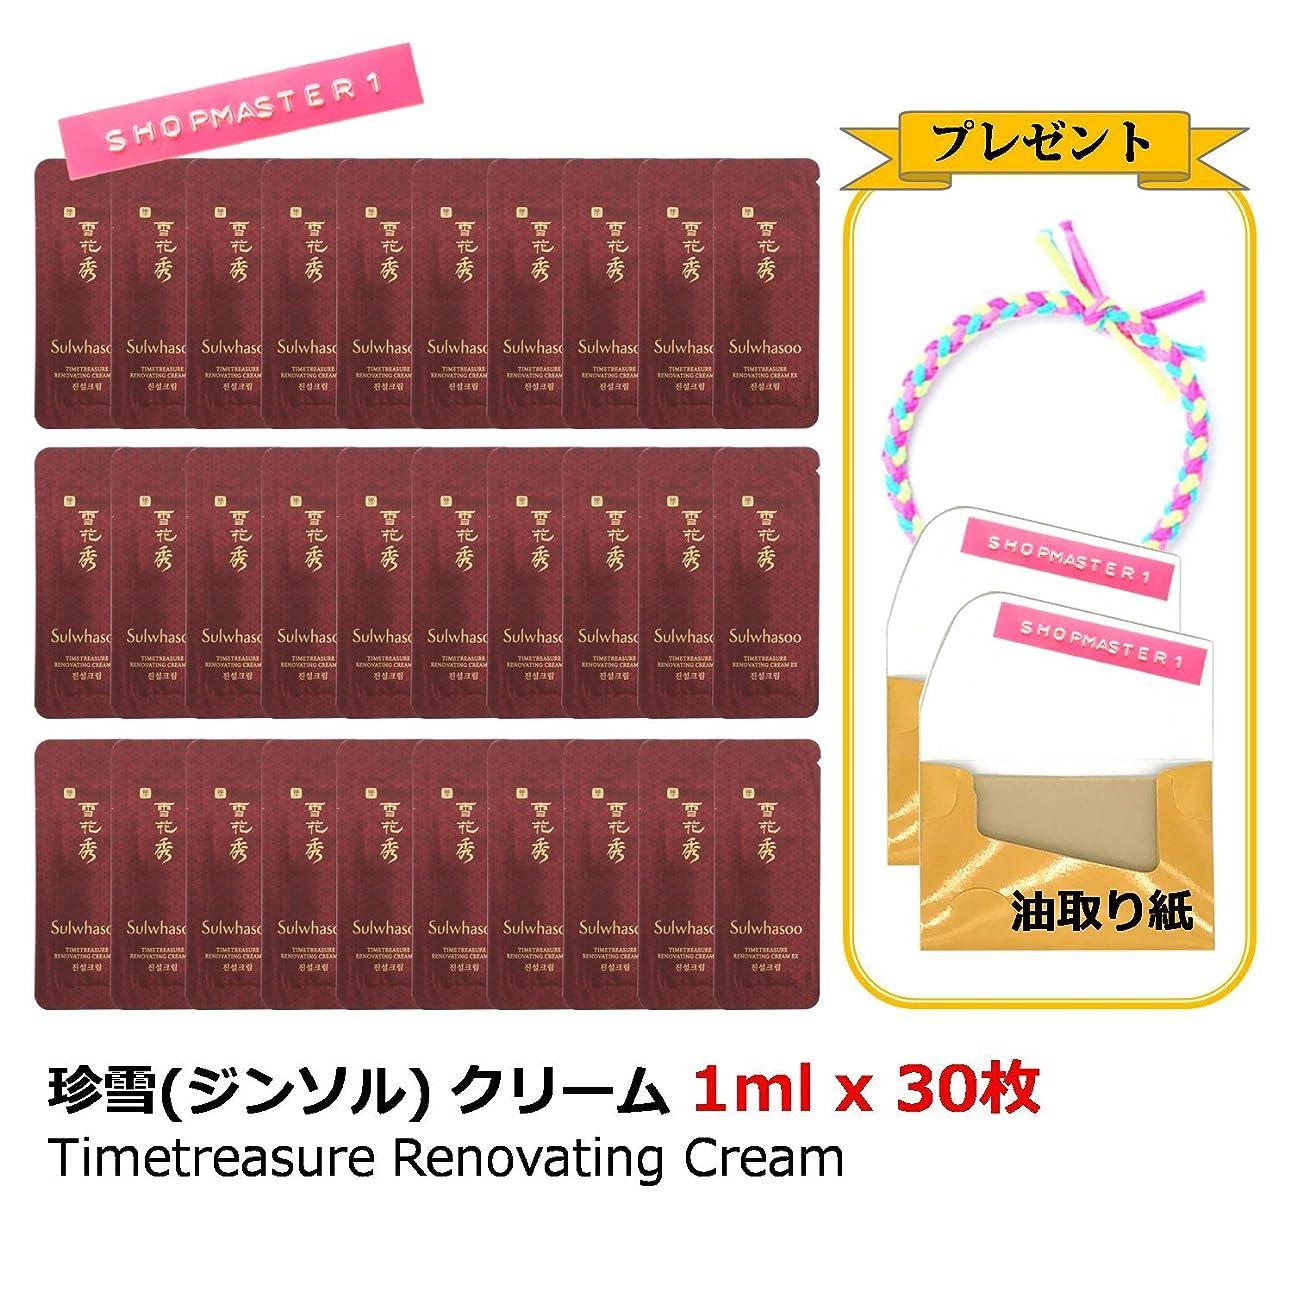 羊の山積みのブランド名【Sulwhasoo ソルファス】珍雪(ジンソル) クリーム 1ml x 30枚 Timetreasure Renovating Cream/プレゼント 油取り紙 2個(30枚ずつ)、ヘアタイ/海外直配送